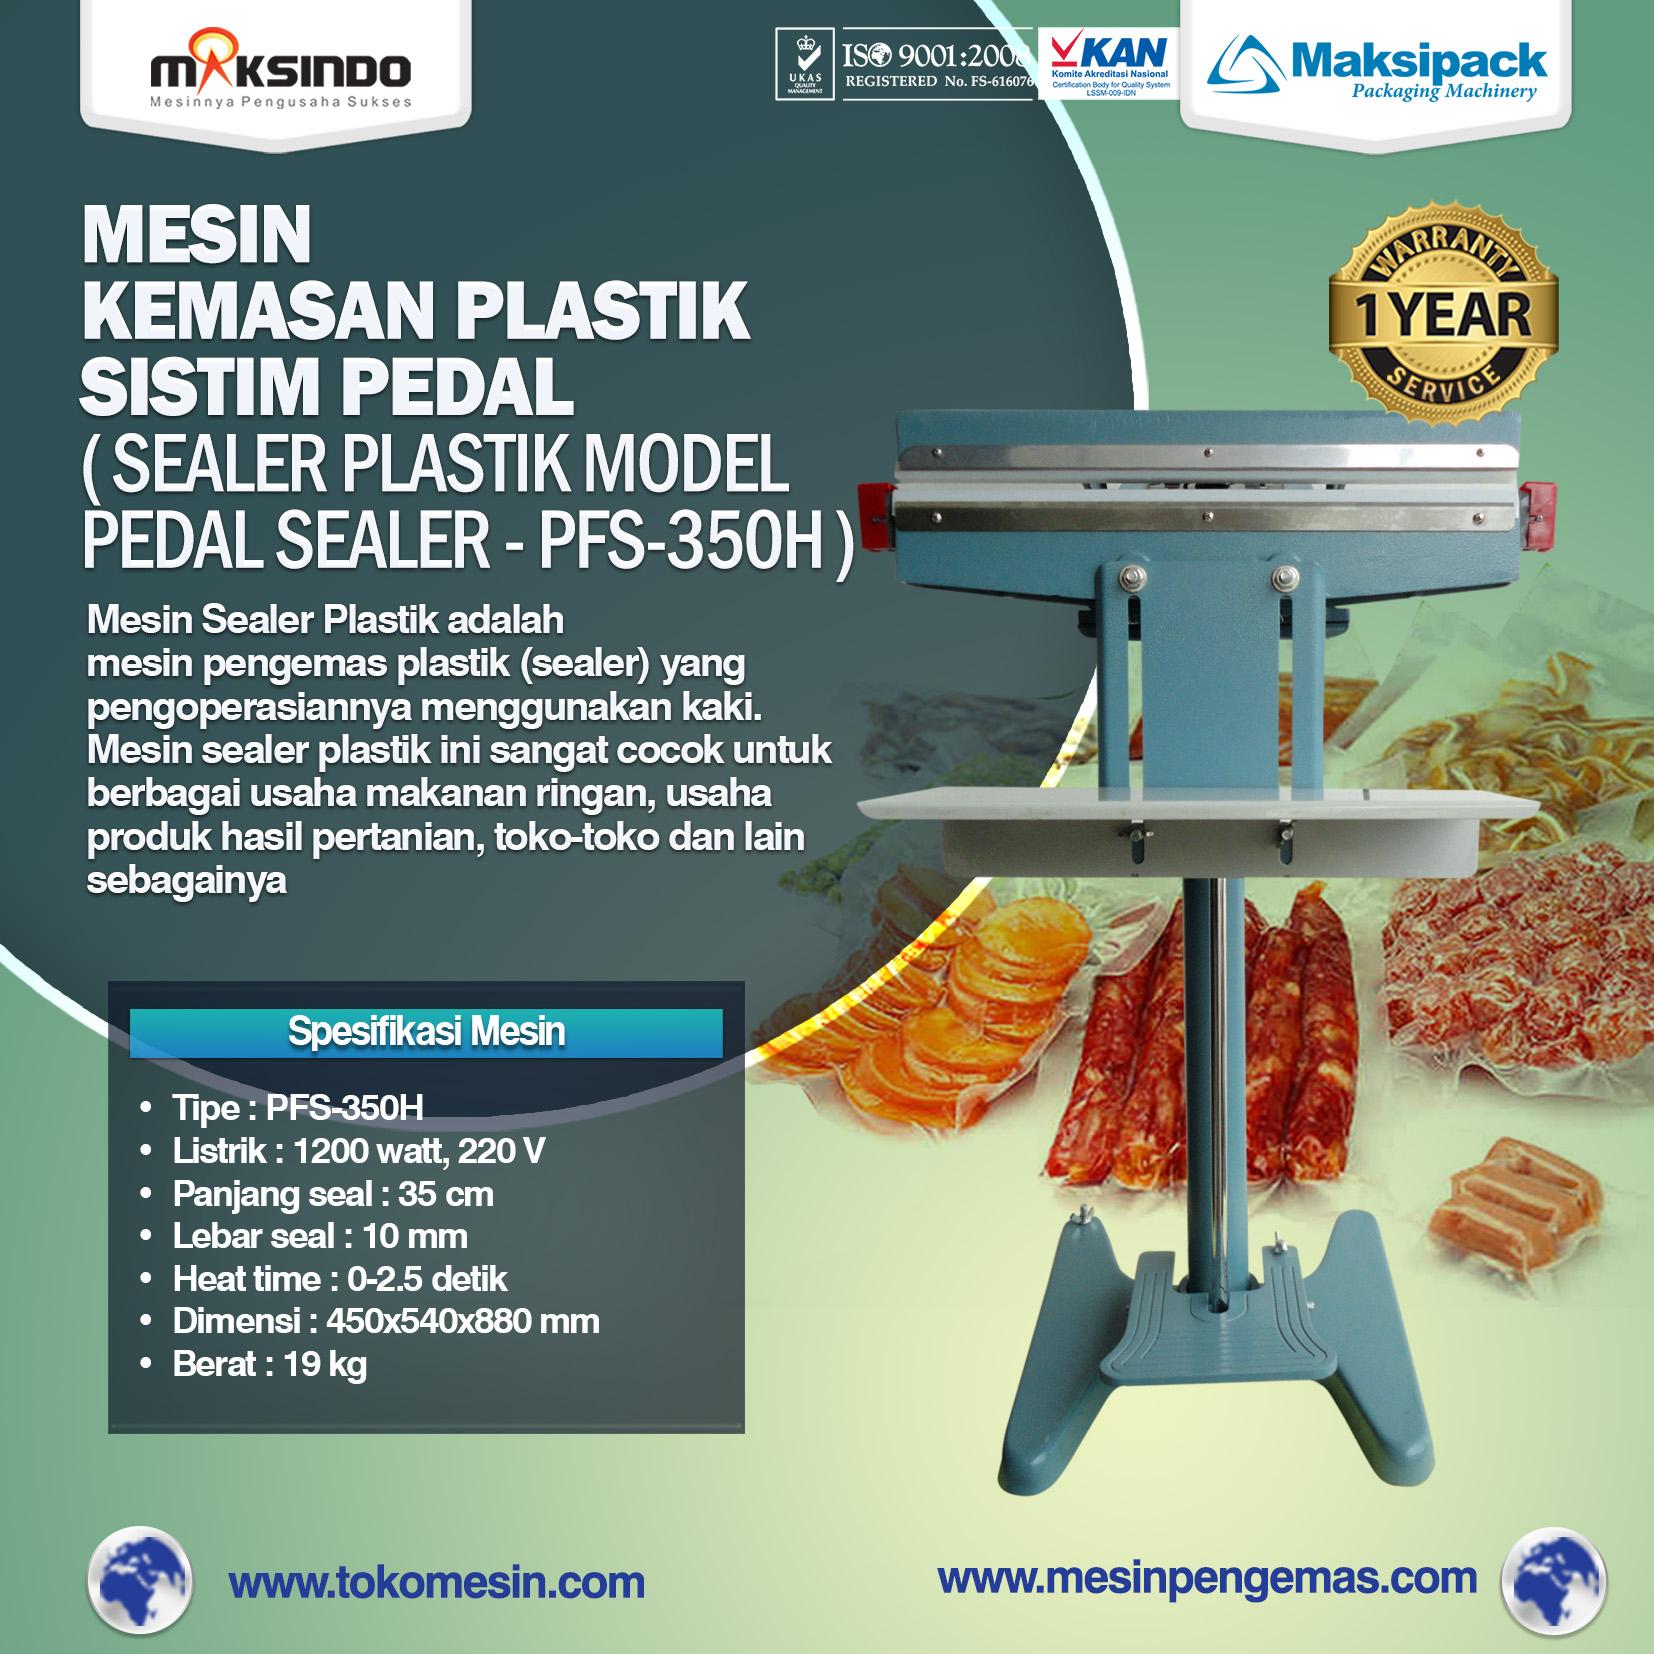 Jual Mesin Sealer Plastik Pedal Sealer di Bekasi